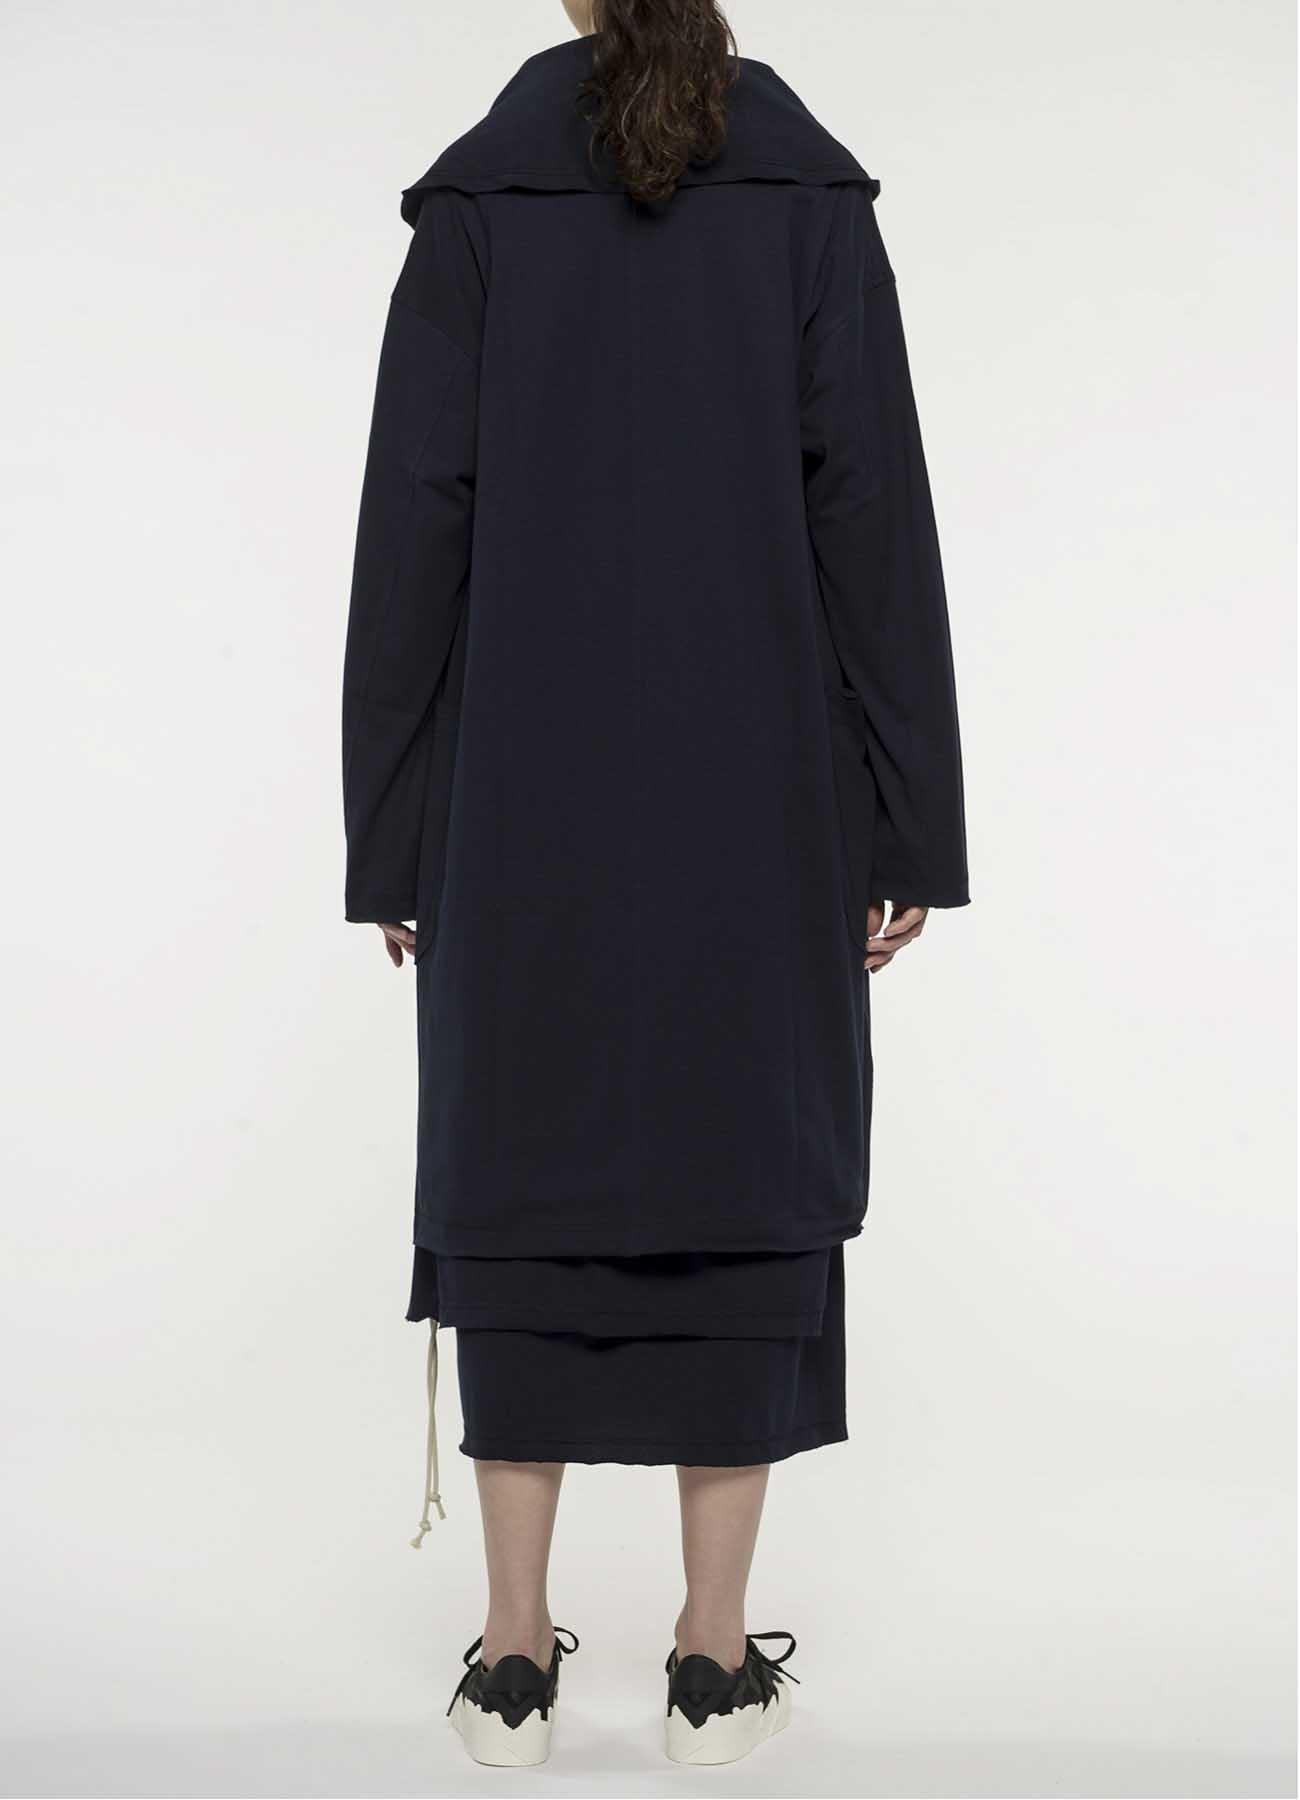 40/2Cotton Jersey Stole coat